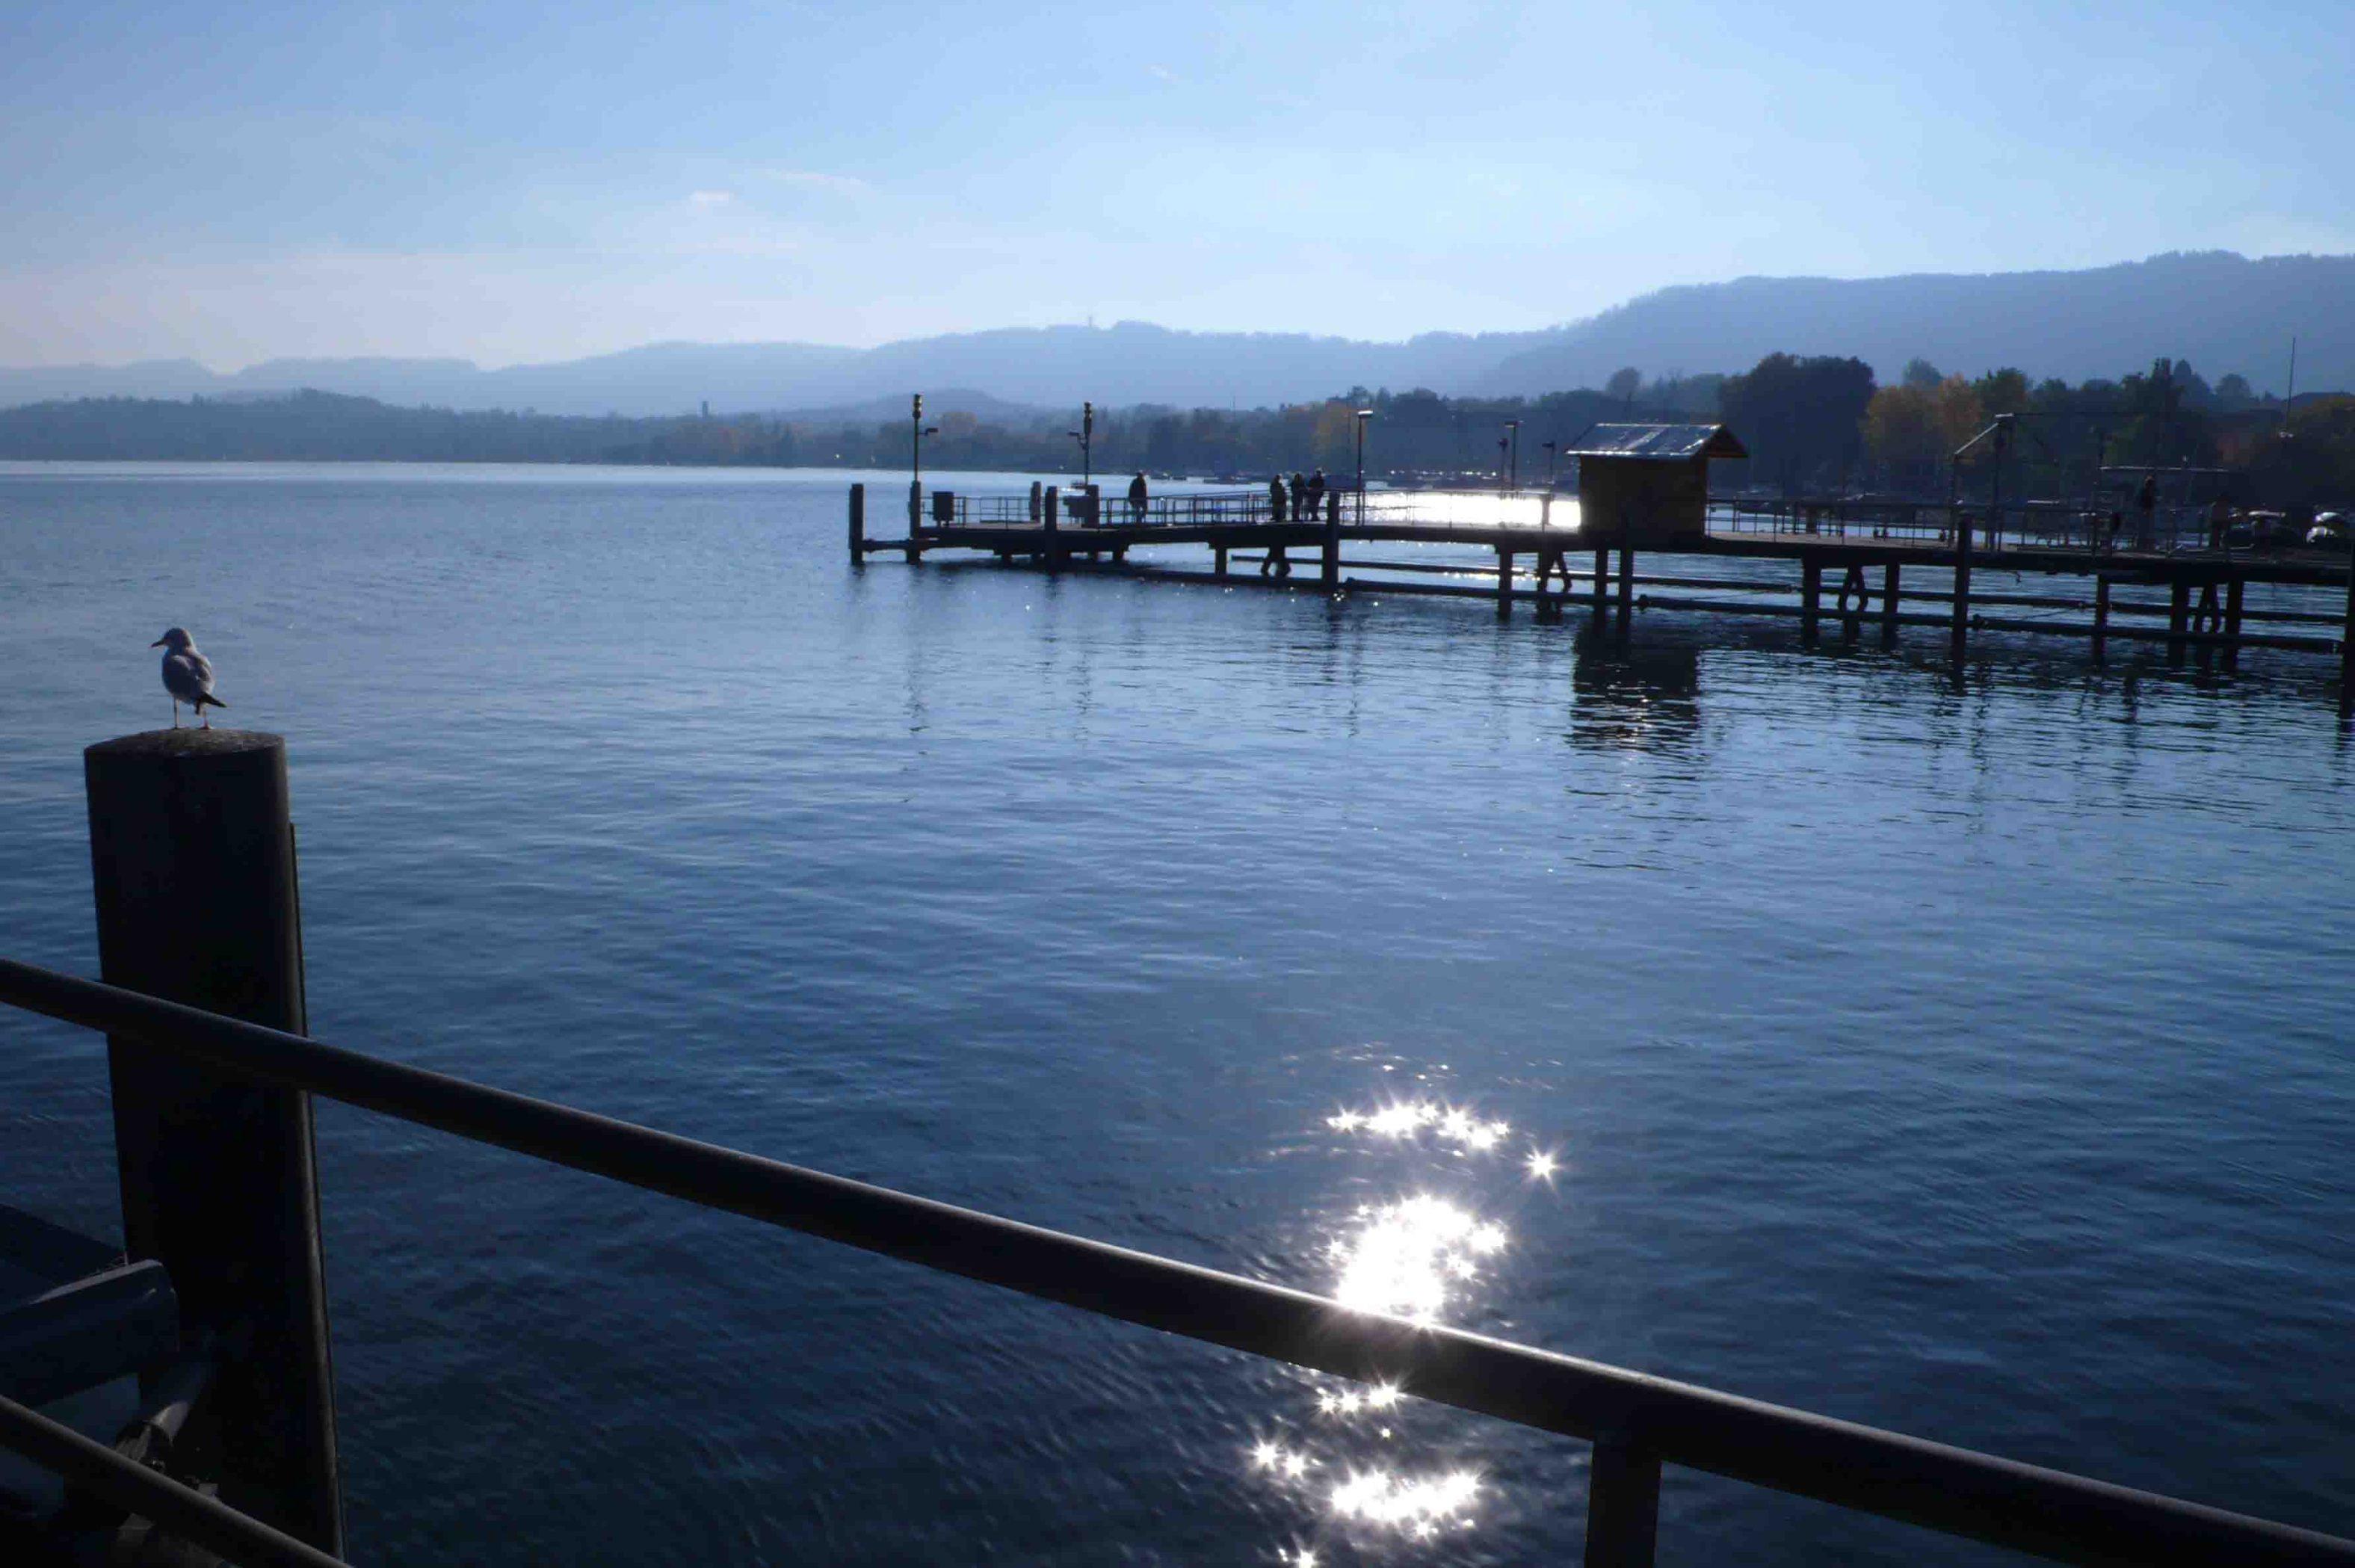 Zurich'slake